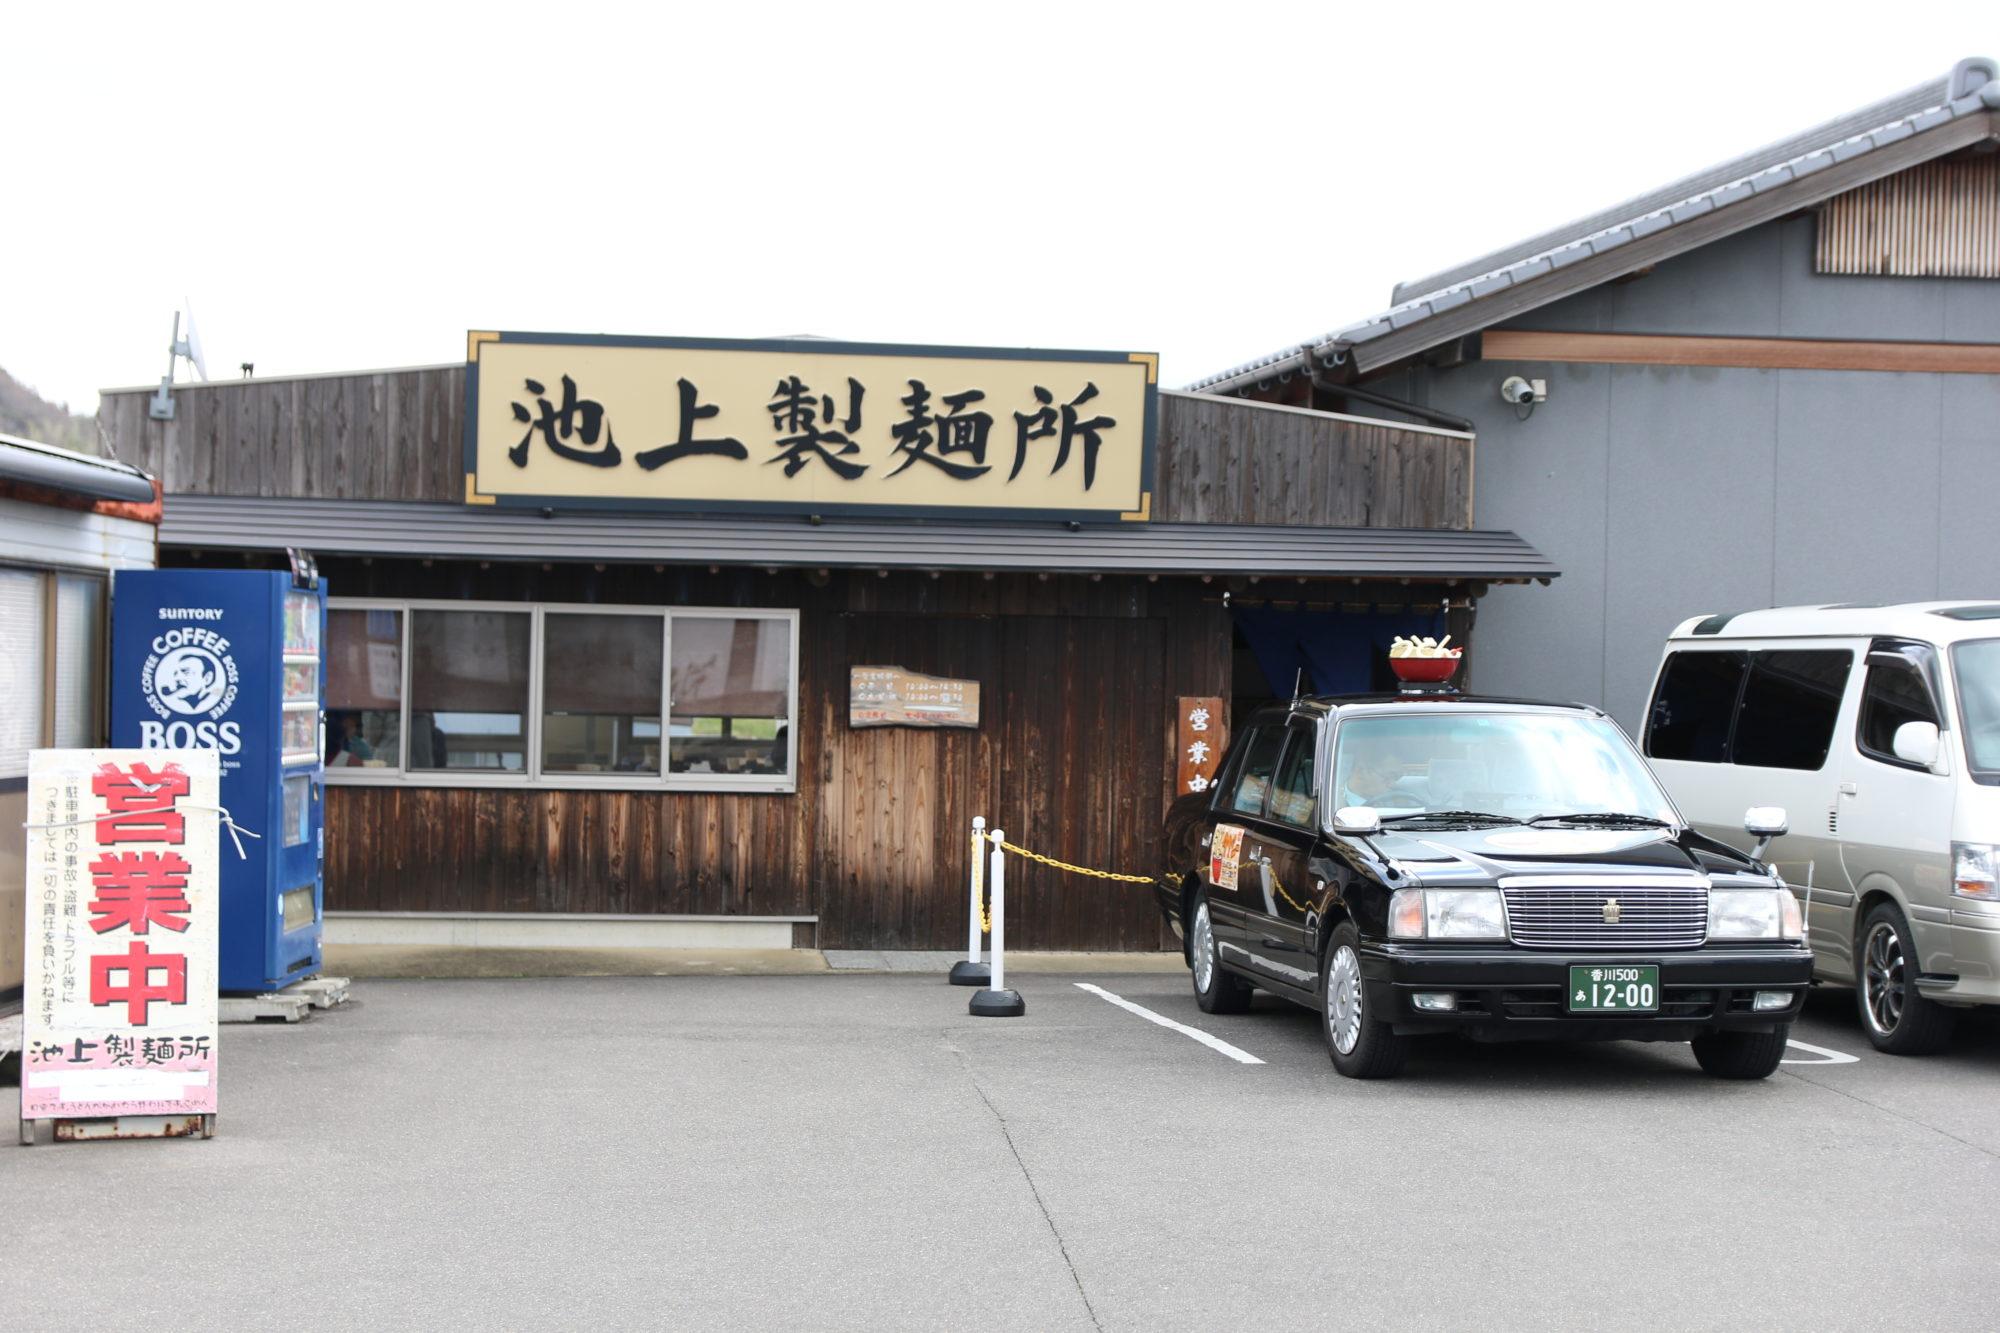 香川 高松市 高松空港から車で15分 〜池上製麺所でうどんをいただく〜